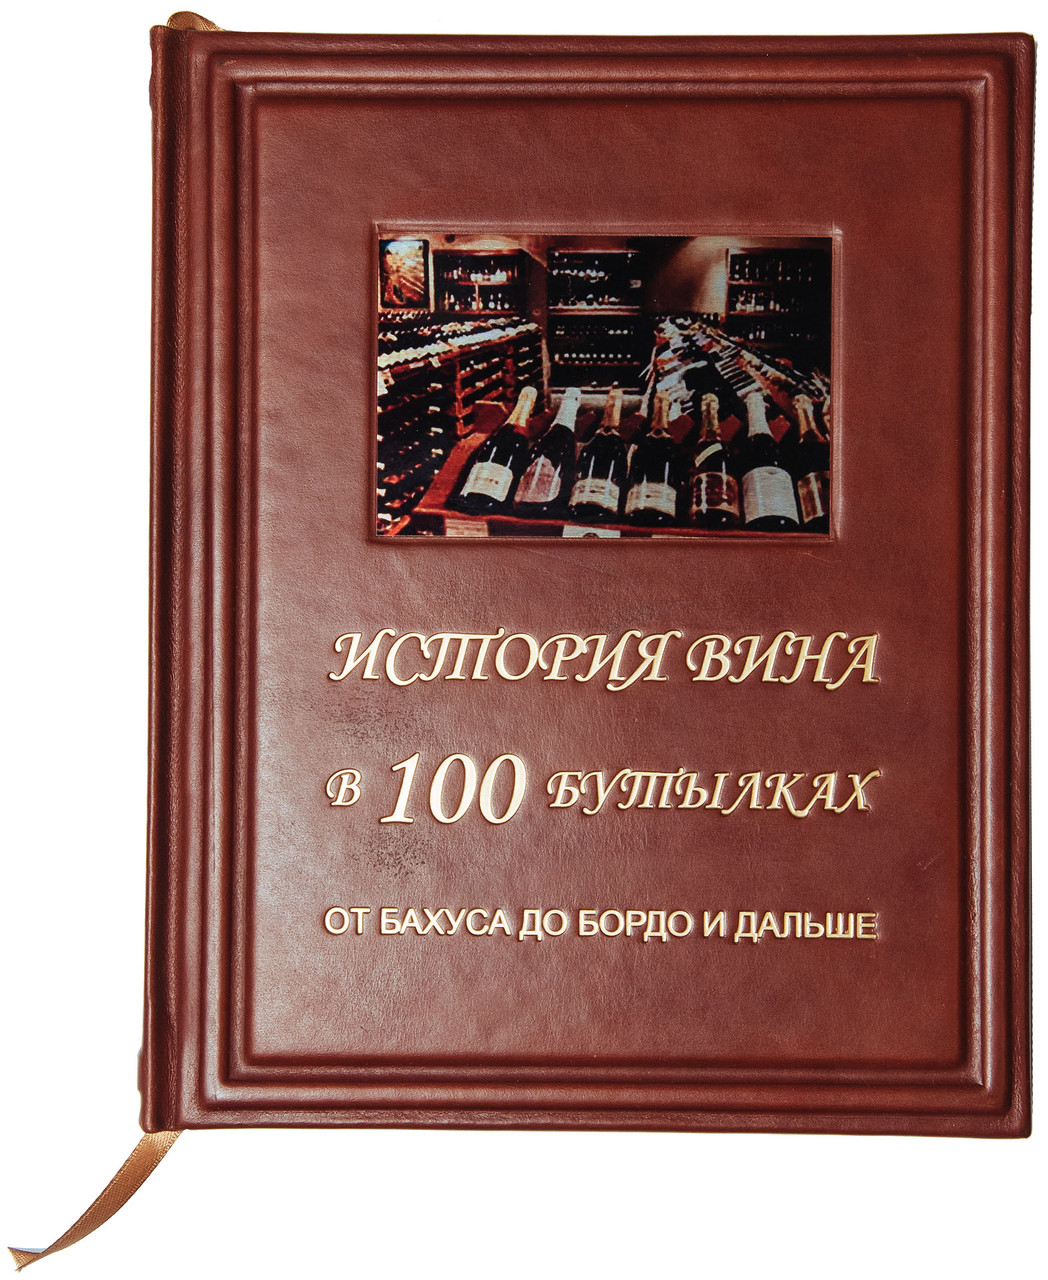 """Книга в кожаном переплете с тиснением на коже """"История вина в 100 бутылках. От Бахуса до Бордо и дальше"""""""